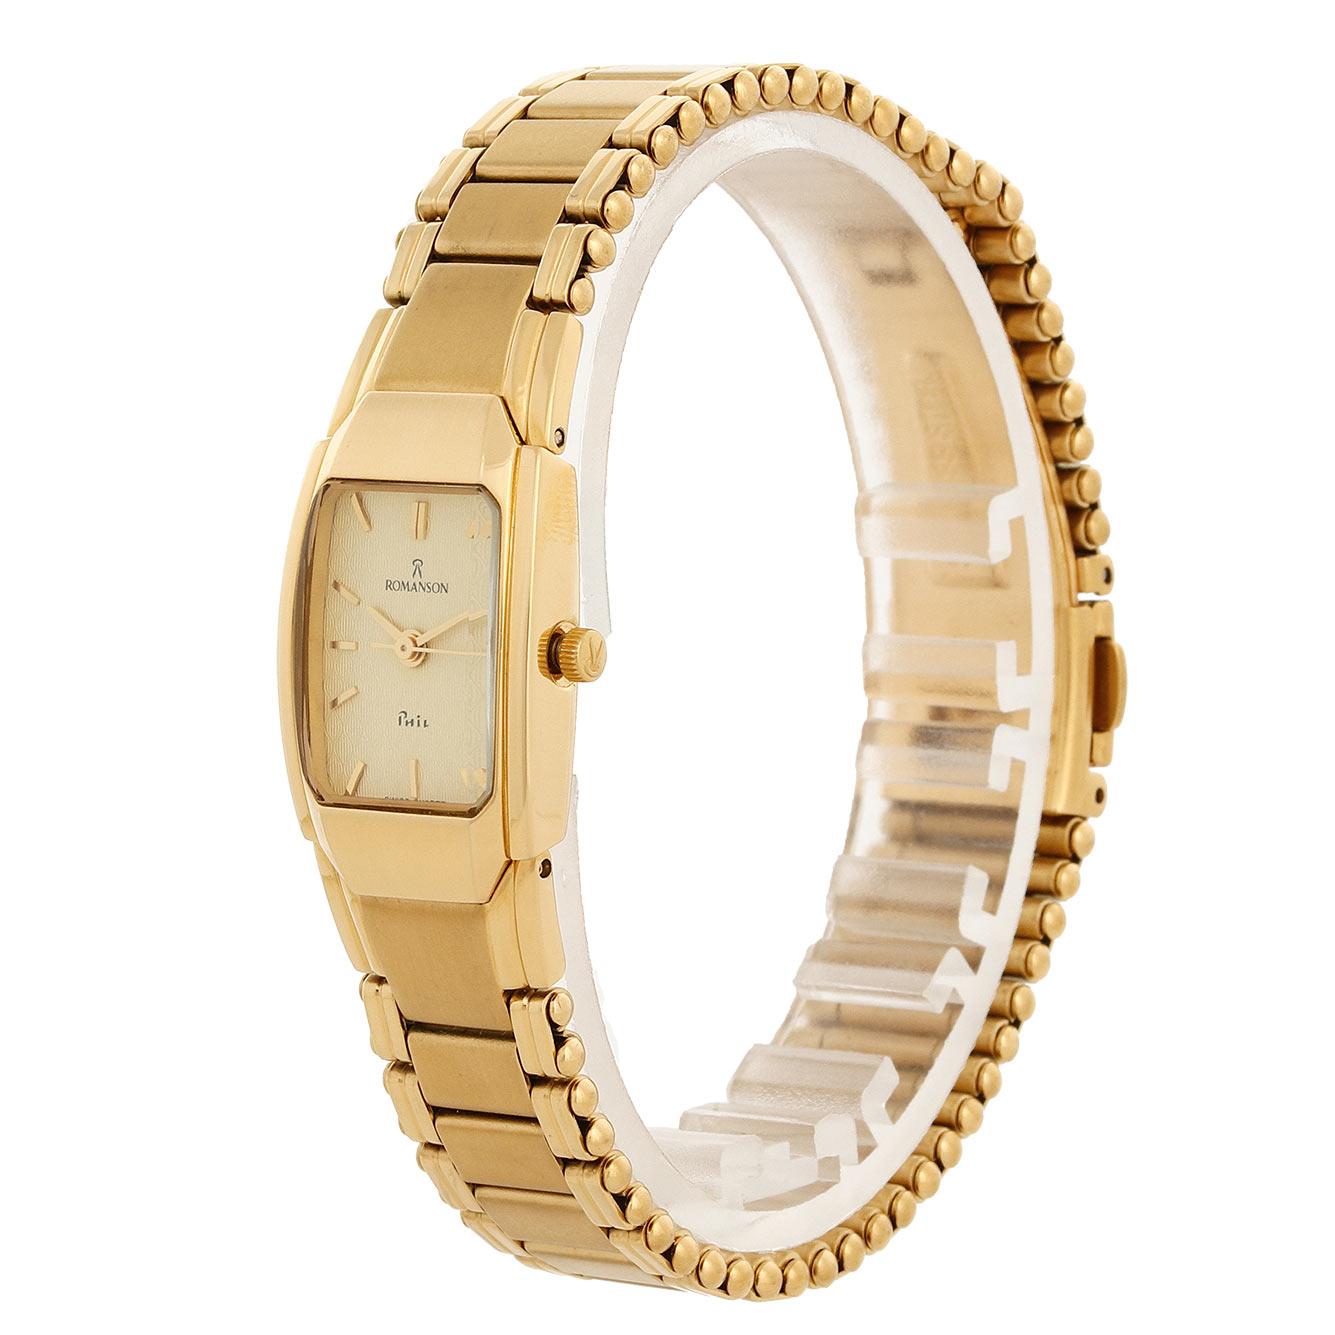 ساعت مچی عقربه ای زنانه رومانسون مدل NM4516LL1GA81G              خرید (⭐️⭐️⭐️)